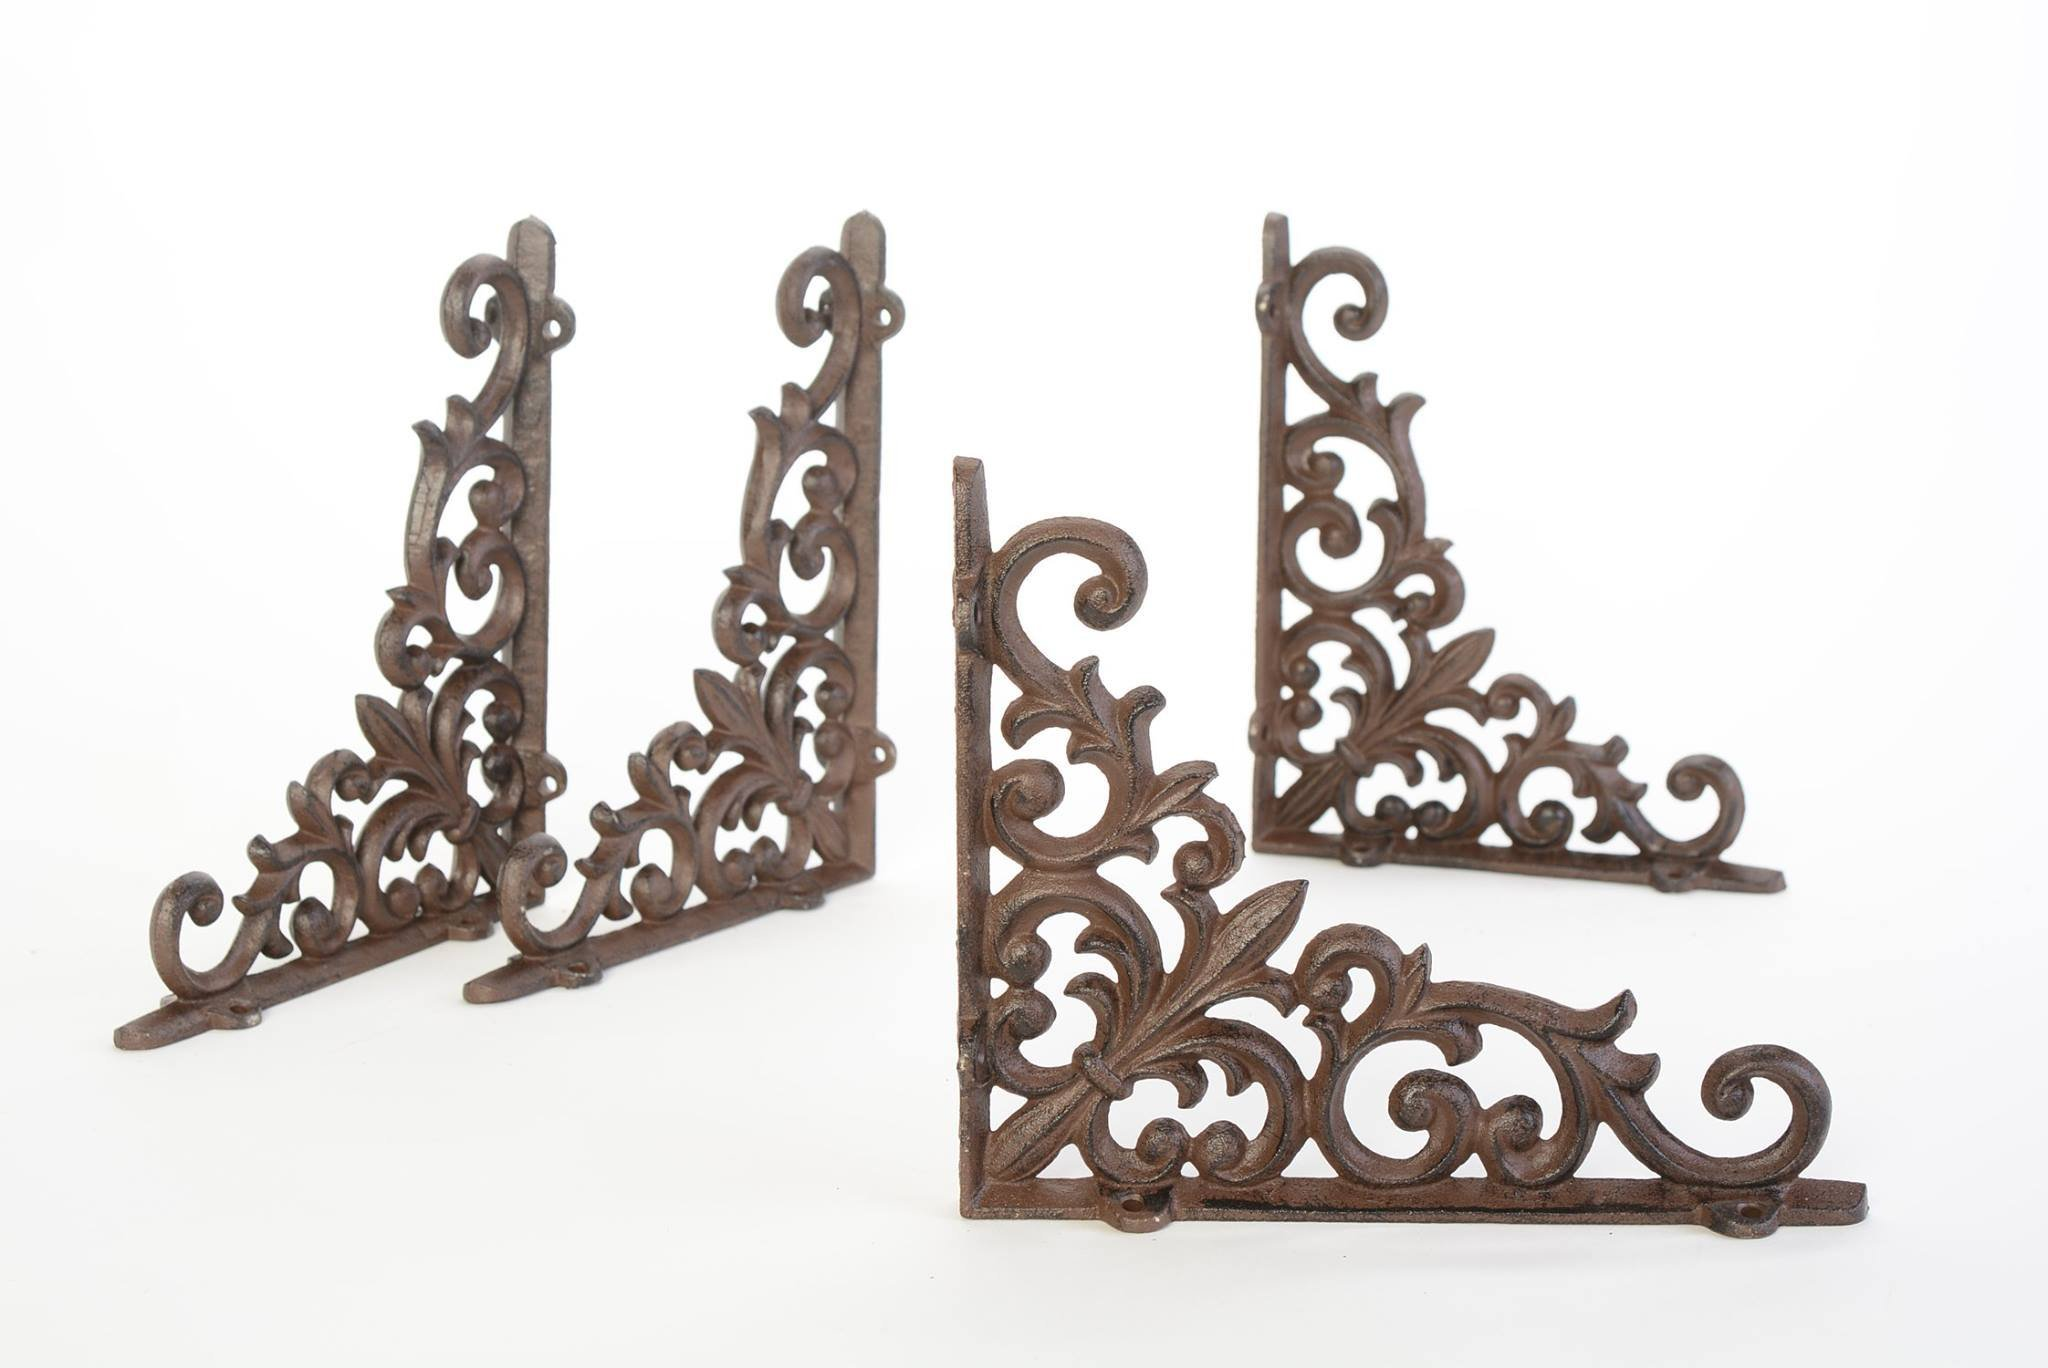 Lot/Set 4 Antique-Style Cast Iron Fleur-de-lis 9 x 7.5 inch SHELF BRACKETS Hangers